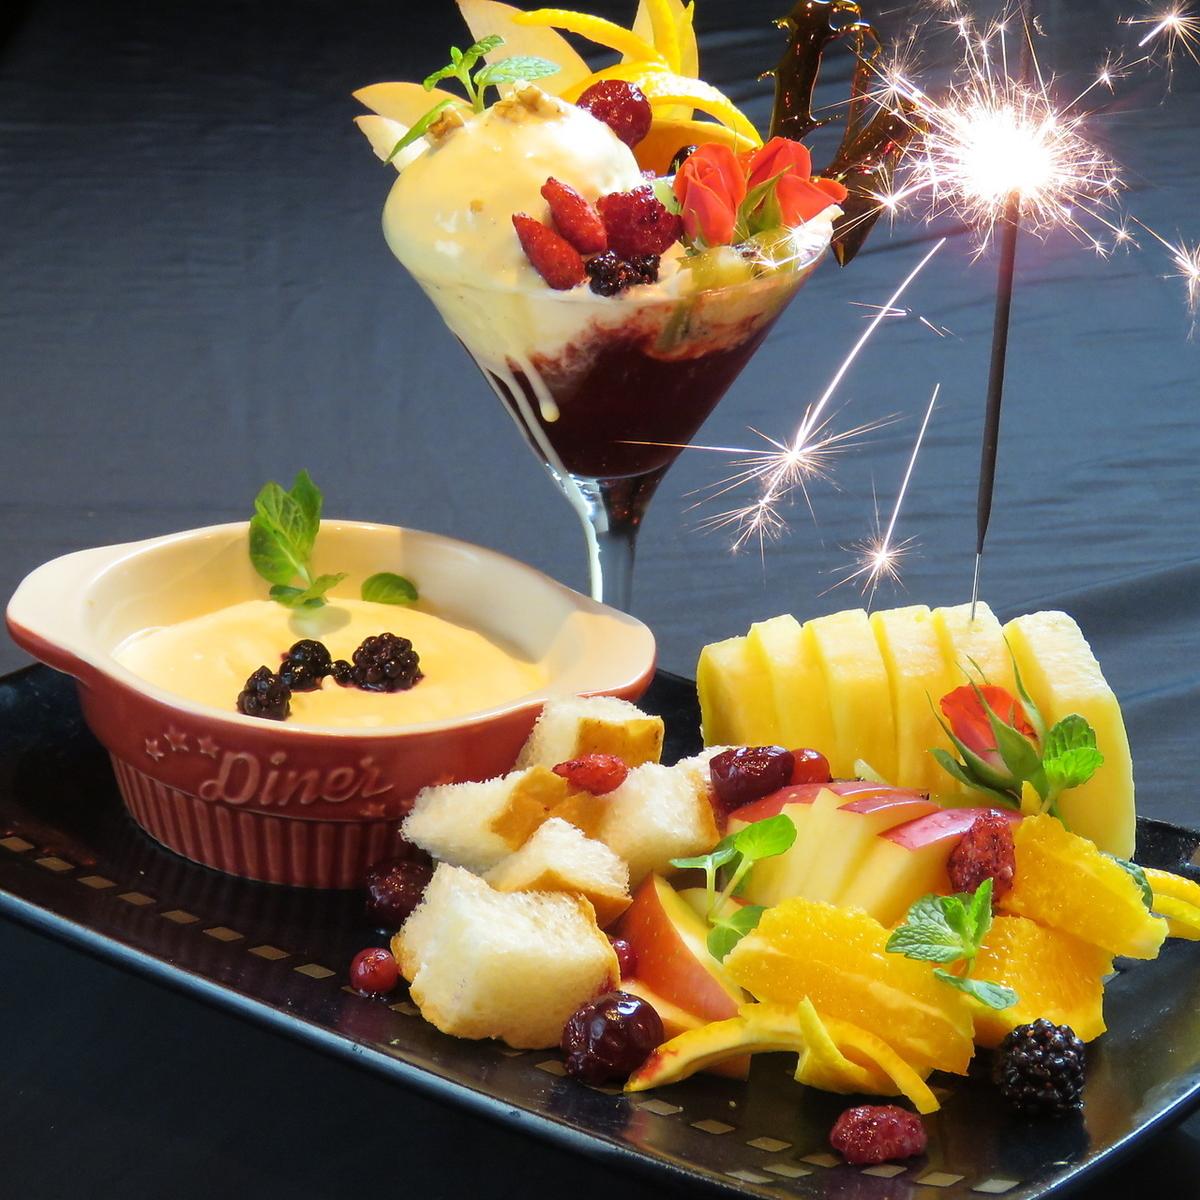 ◎周年纪念日和生日◎甜点奶酪火锅